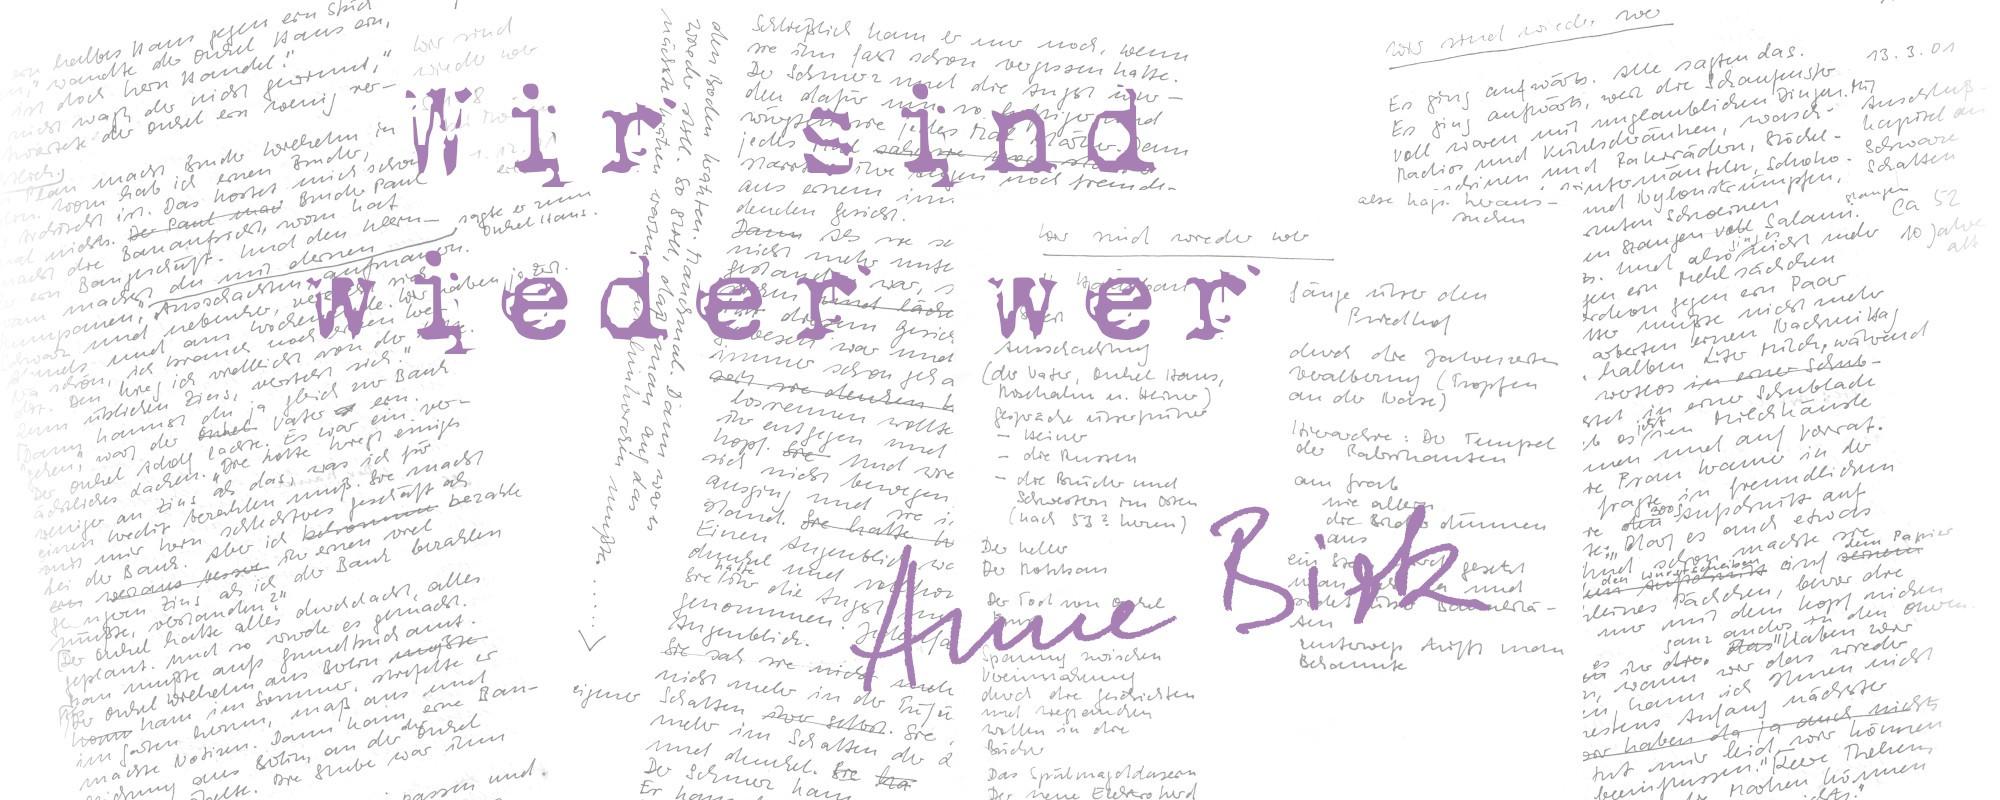 Anne-Birk-Wir-sind-wieder-wer-Schriftbild